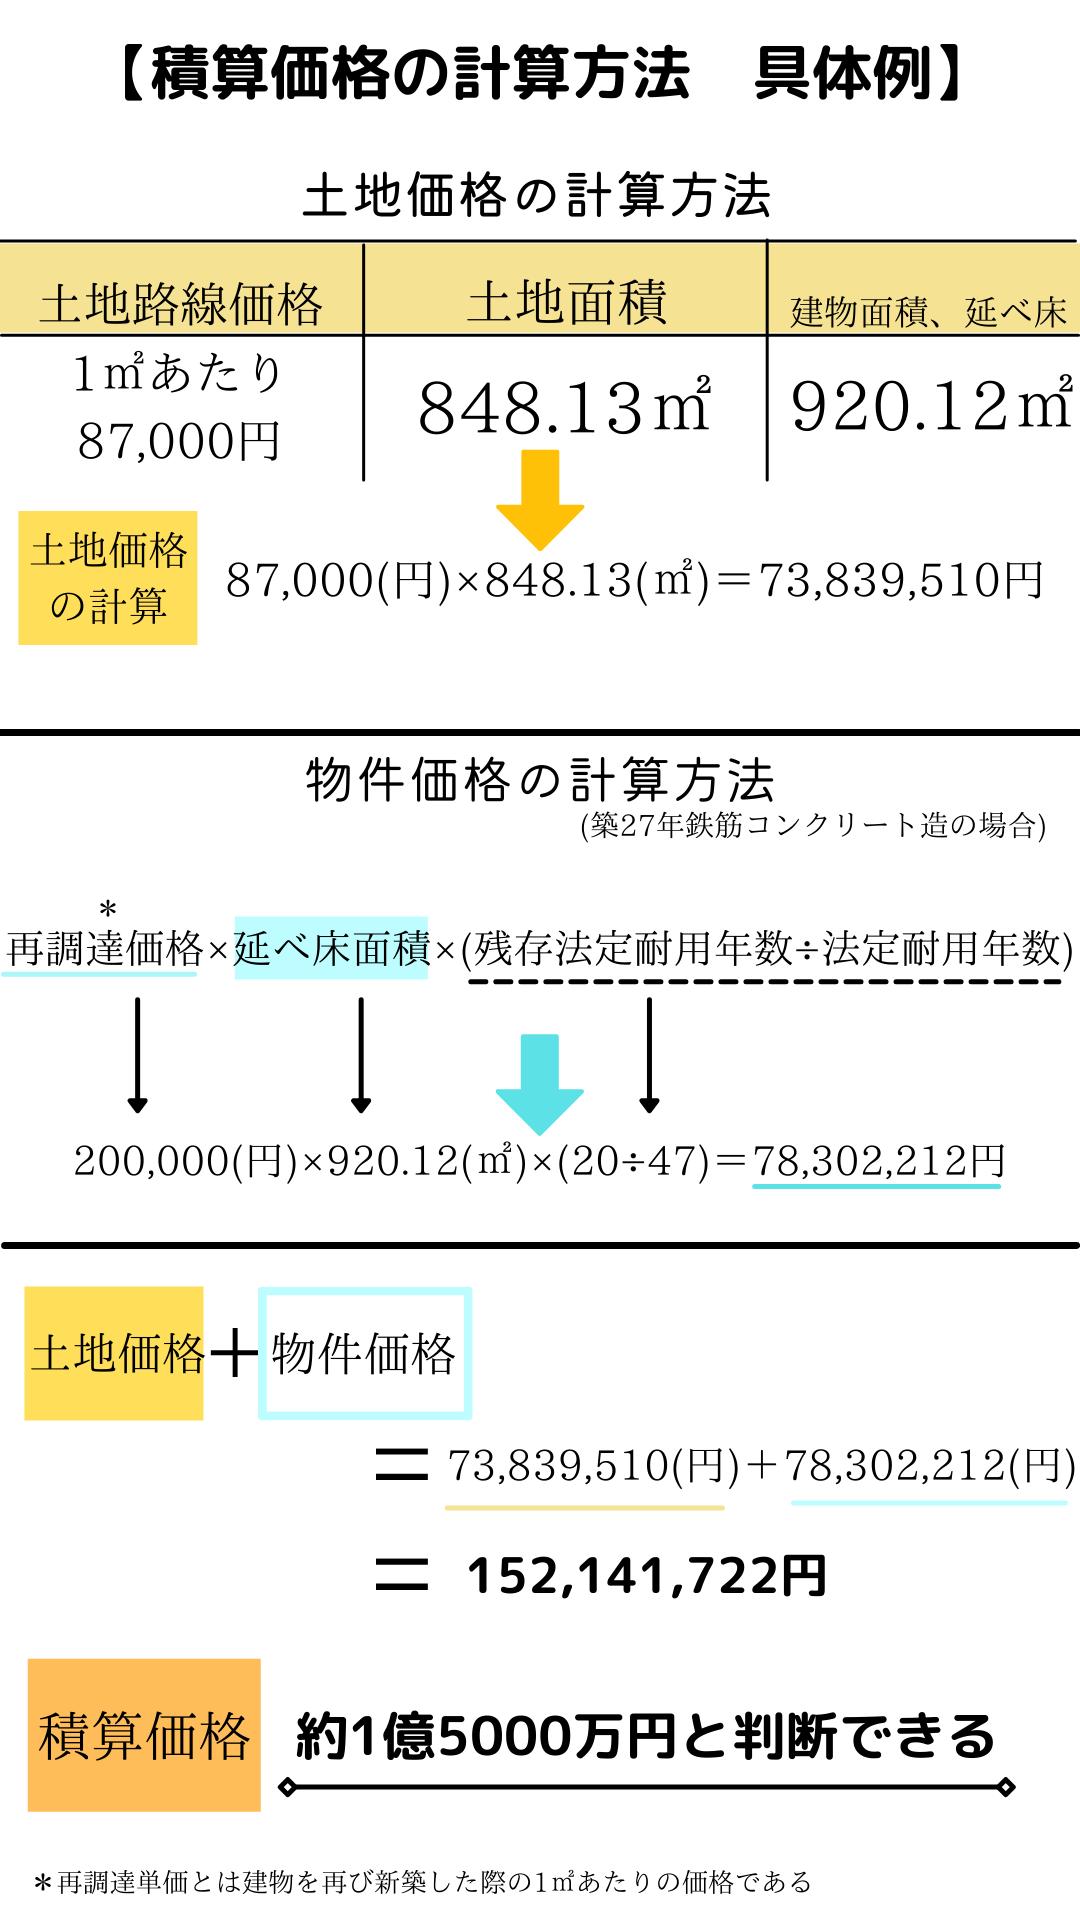 積算価格の計算具体例